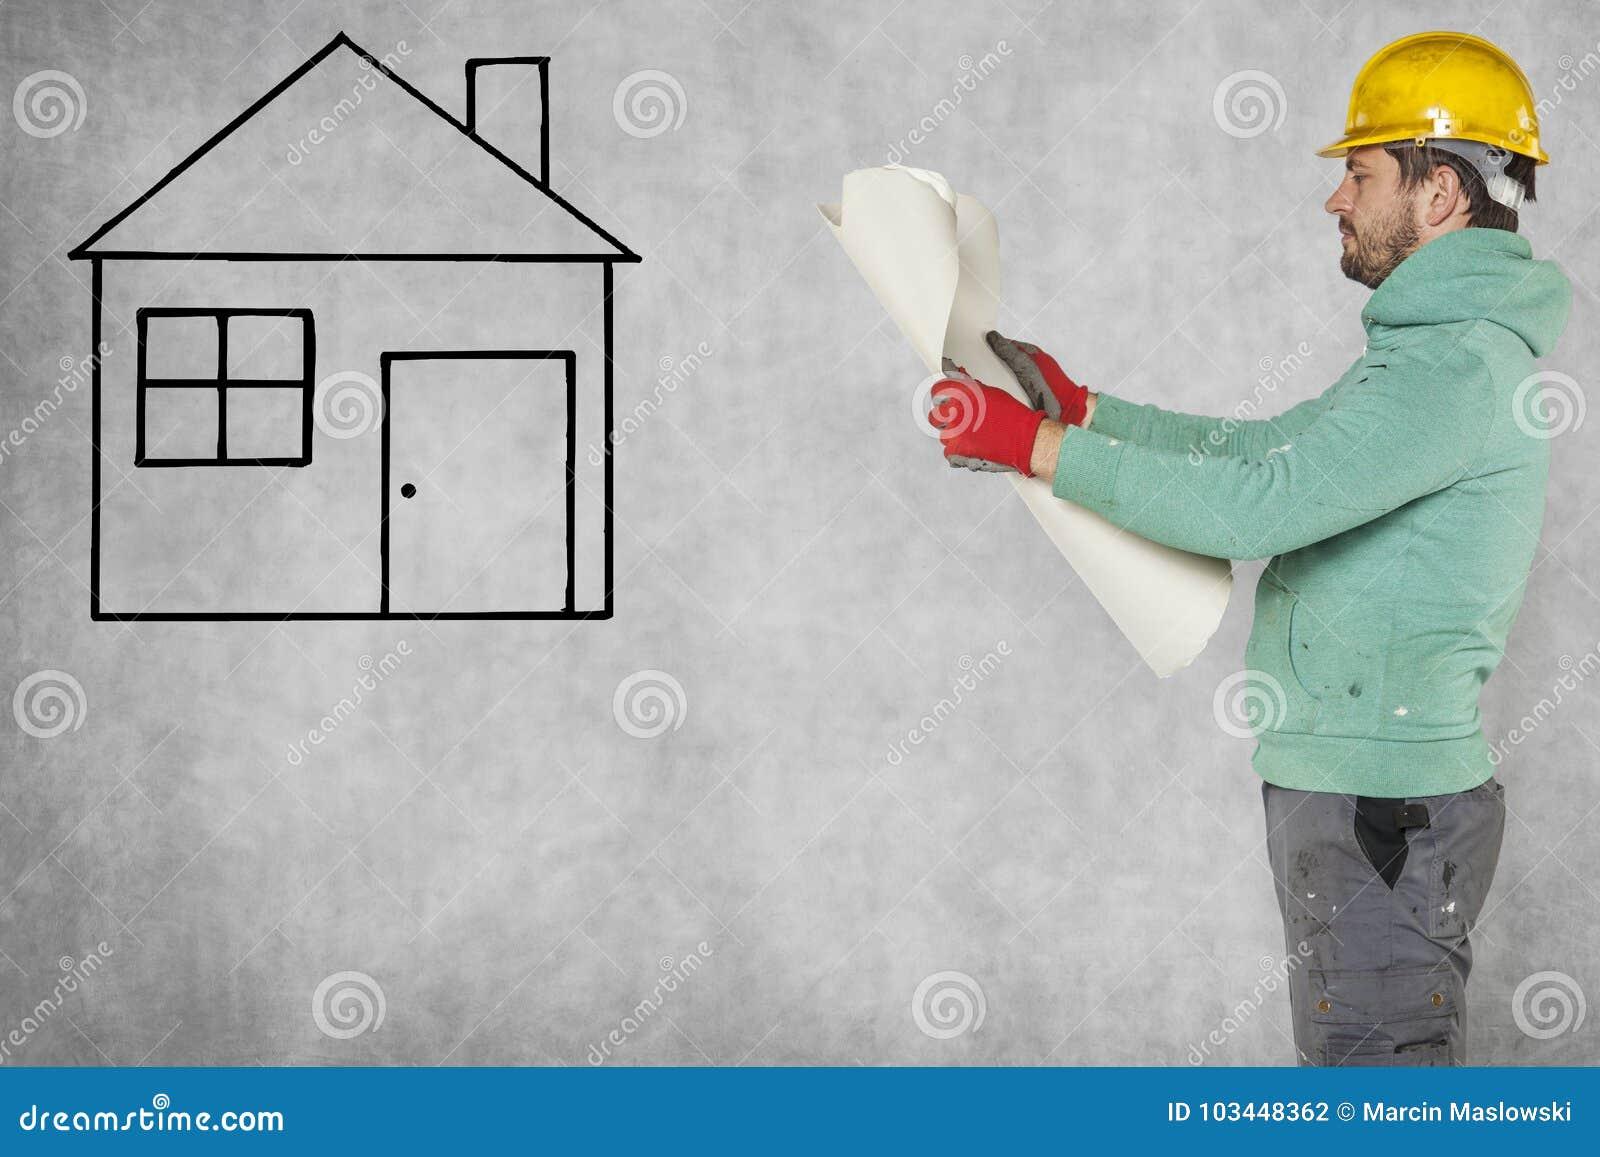 Construcción de un nuevo hogar, planes constructivos